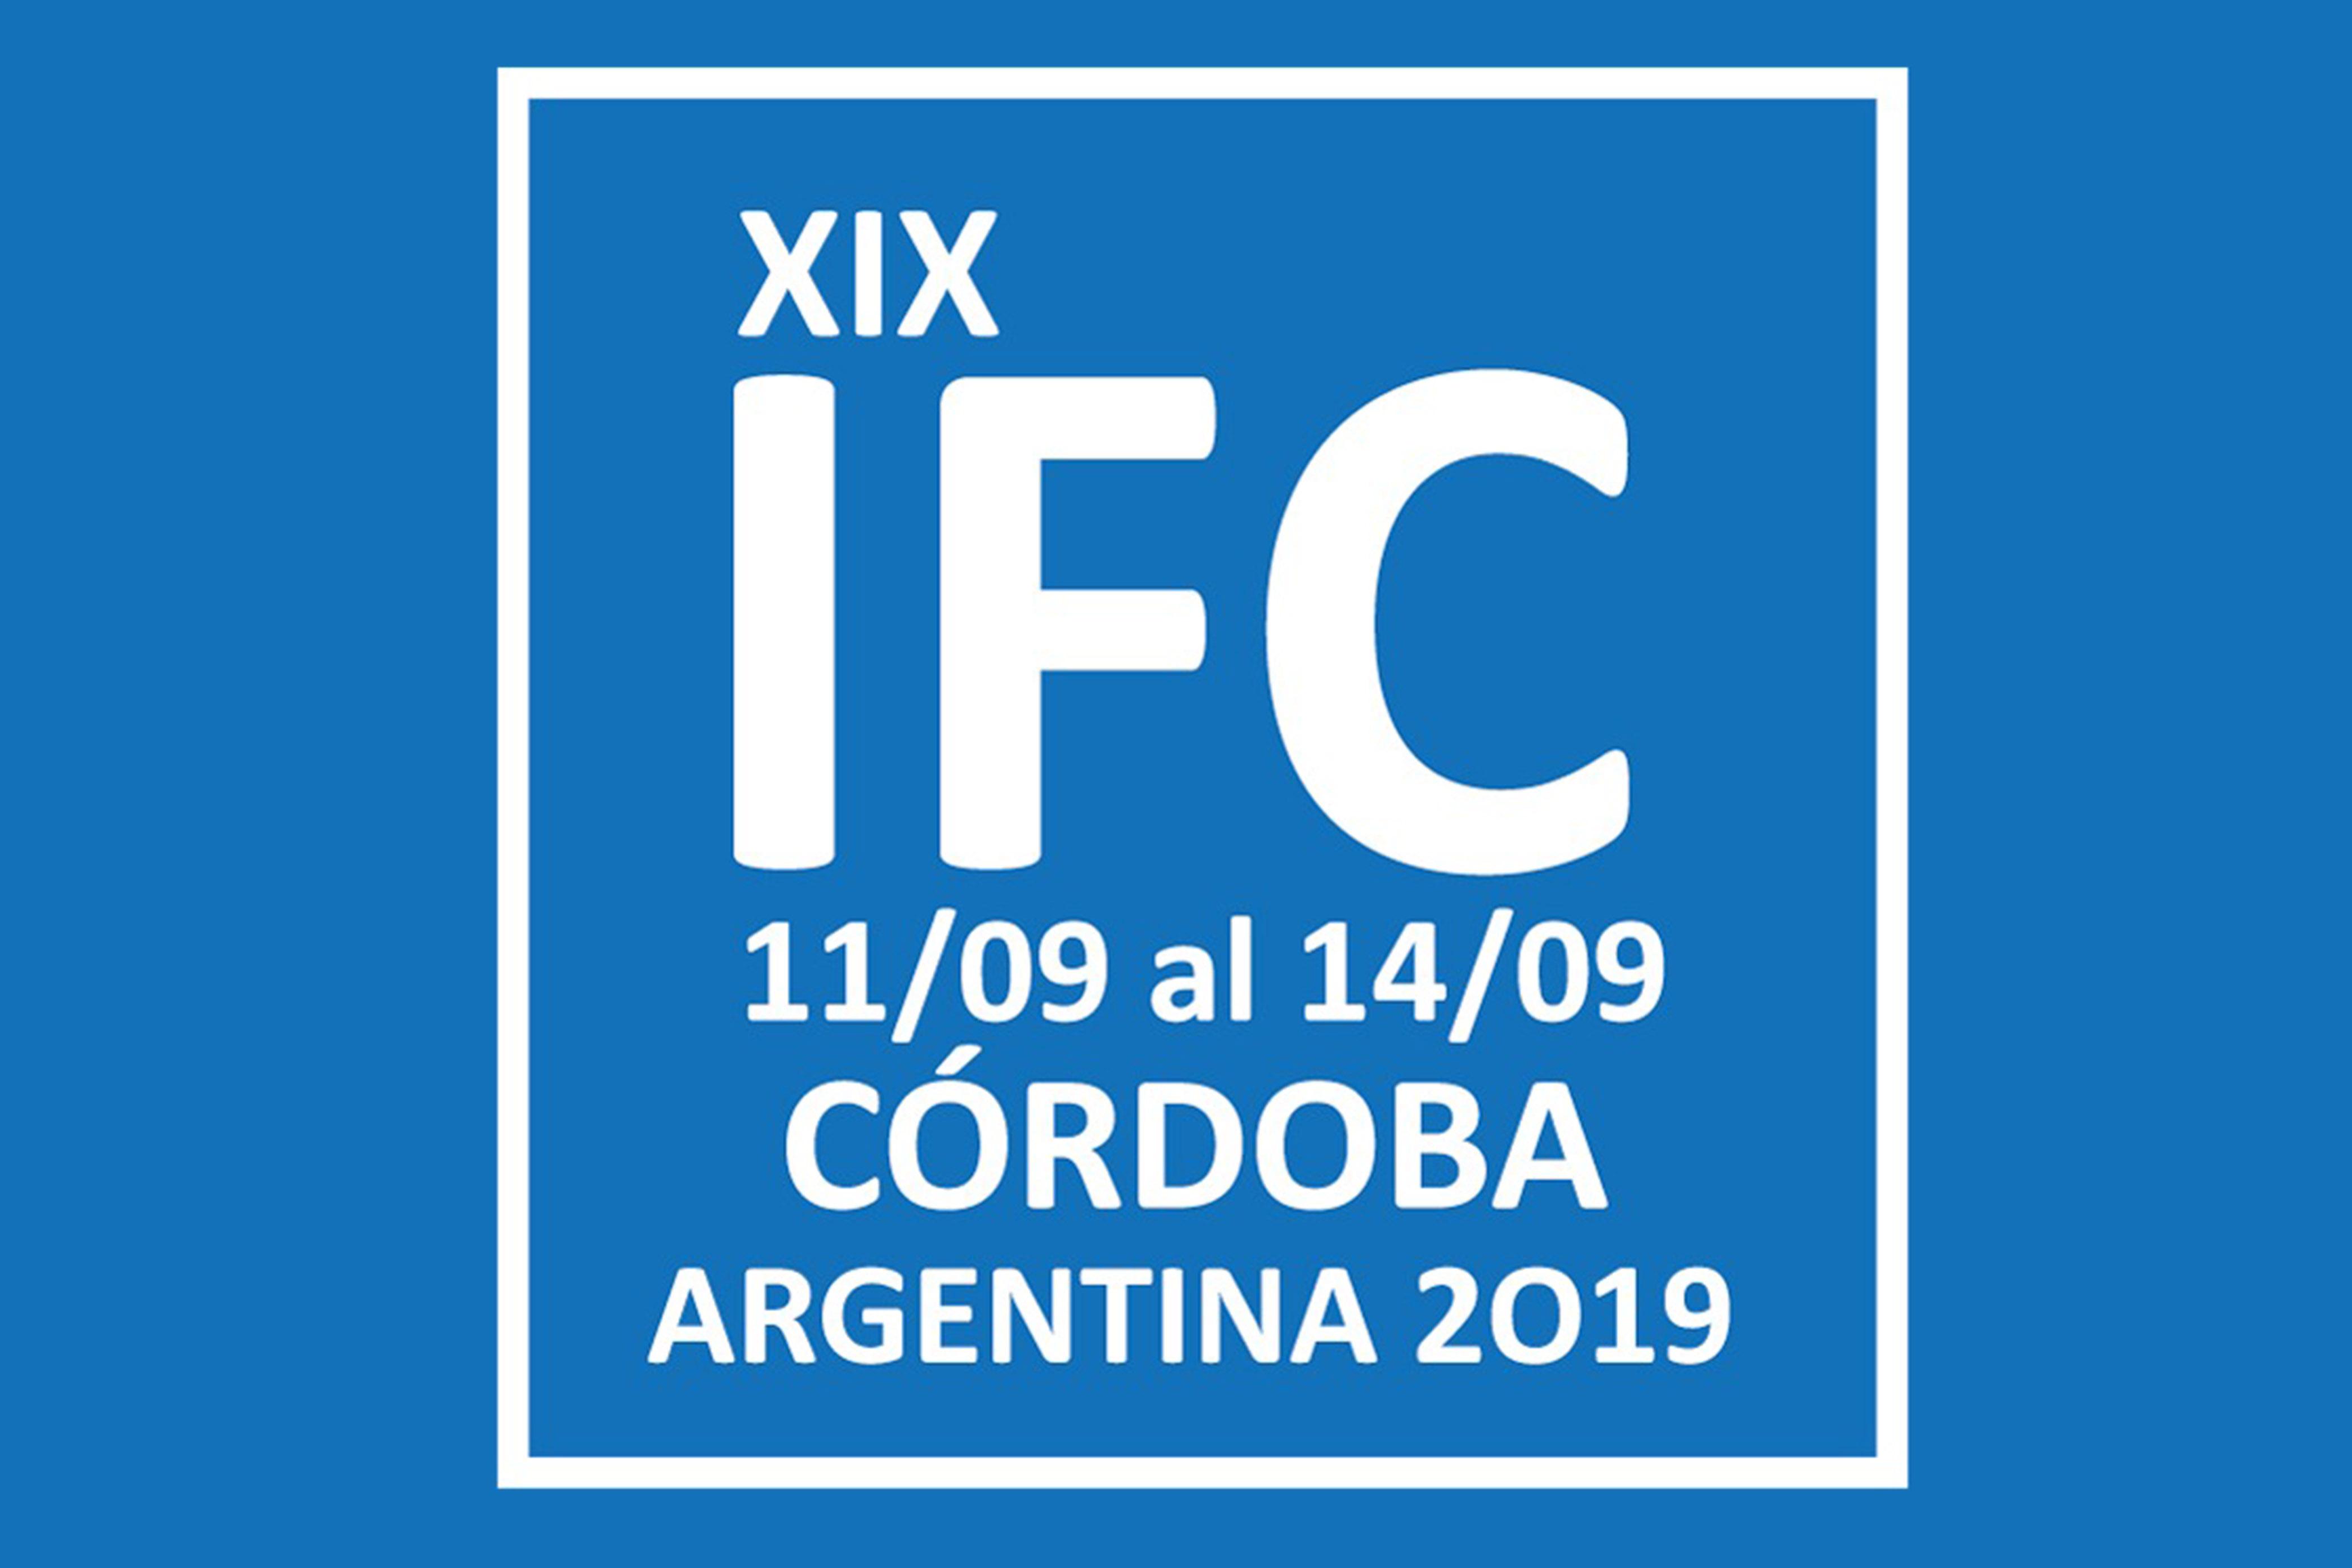 ADEBA formó parte de la XIX IFC presentando el Protocolo de Finanzas Sostenibles